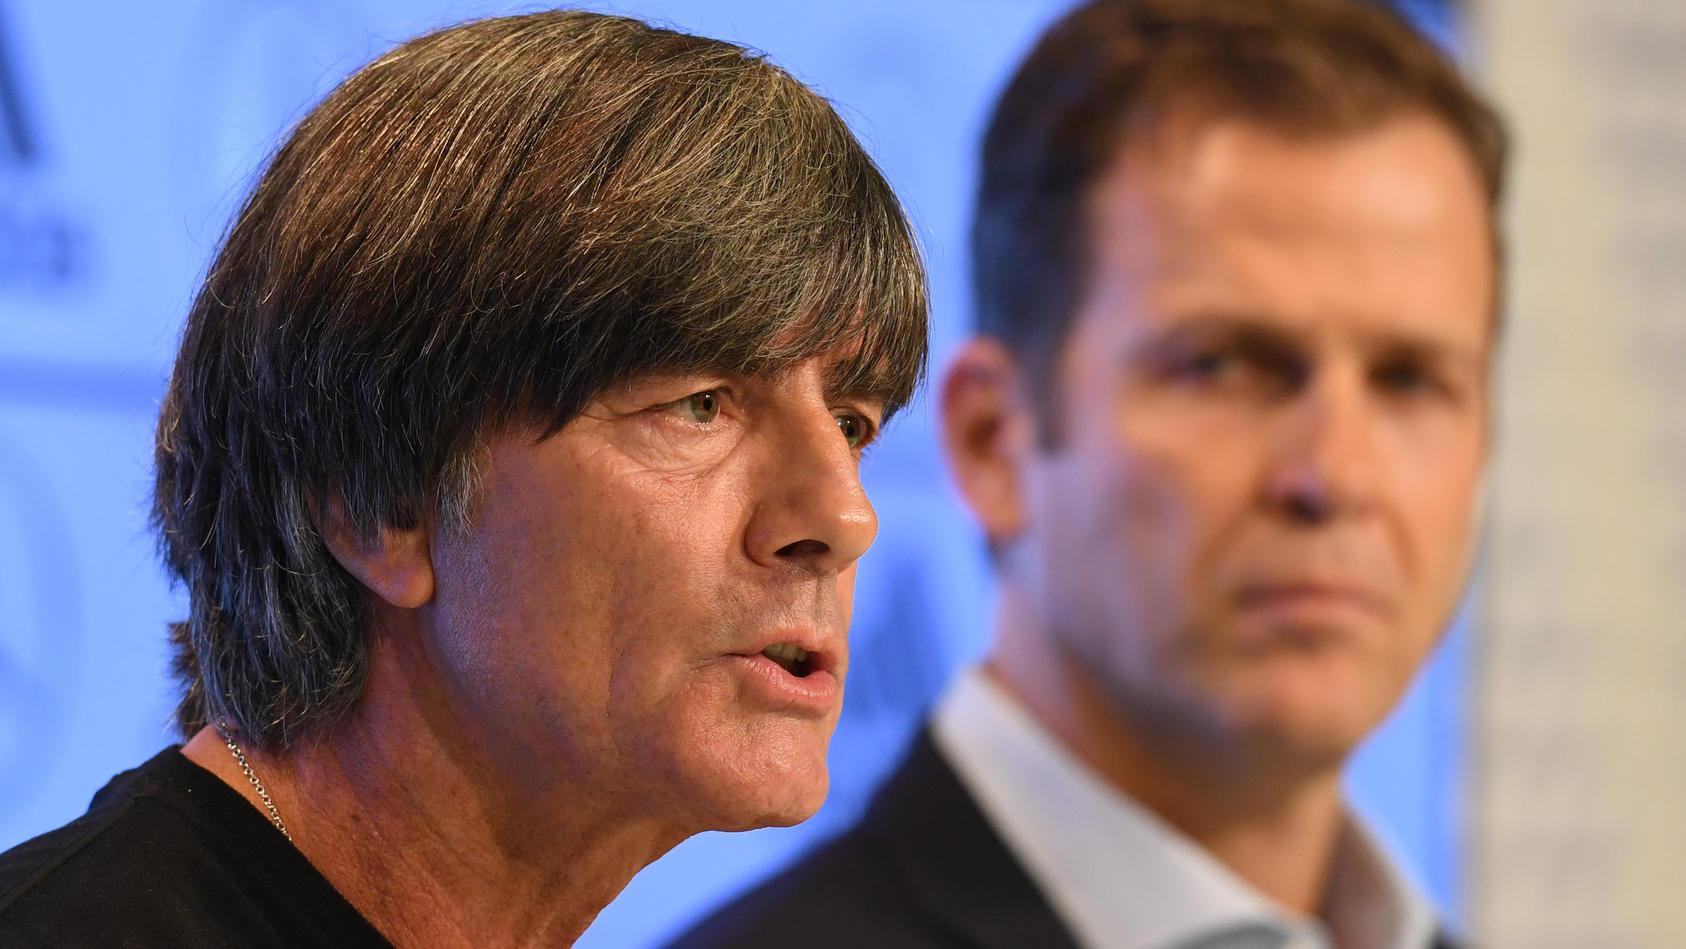 Saustall DFB: Pressekonferenz mit Oliver Bierhoff im Livestream ab 15.30 Uhr